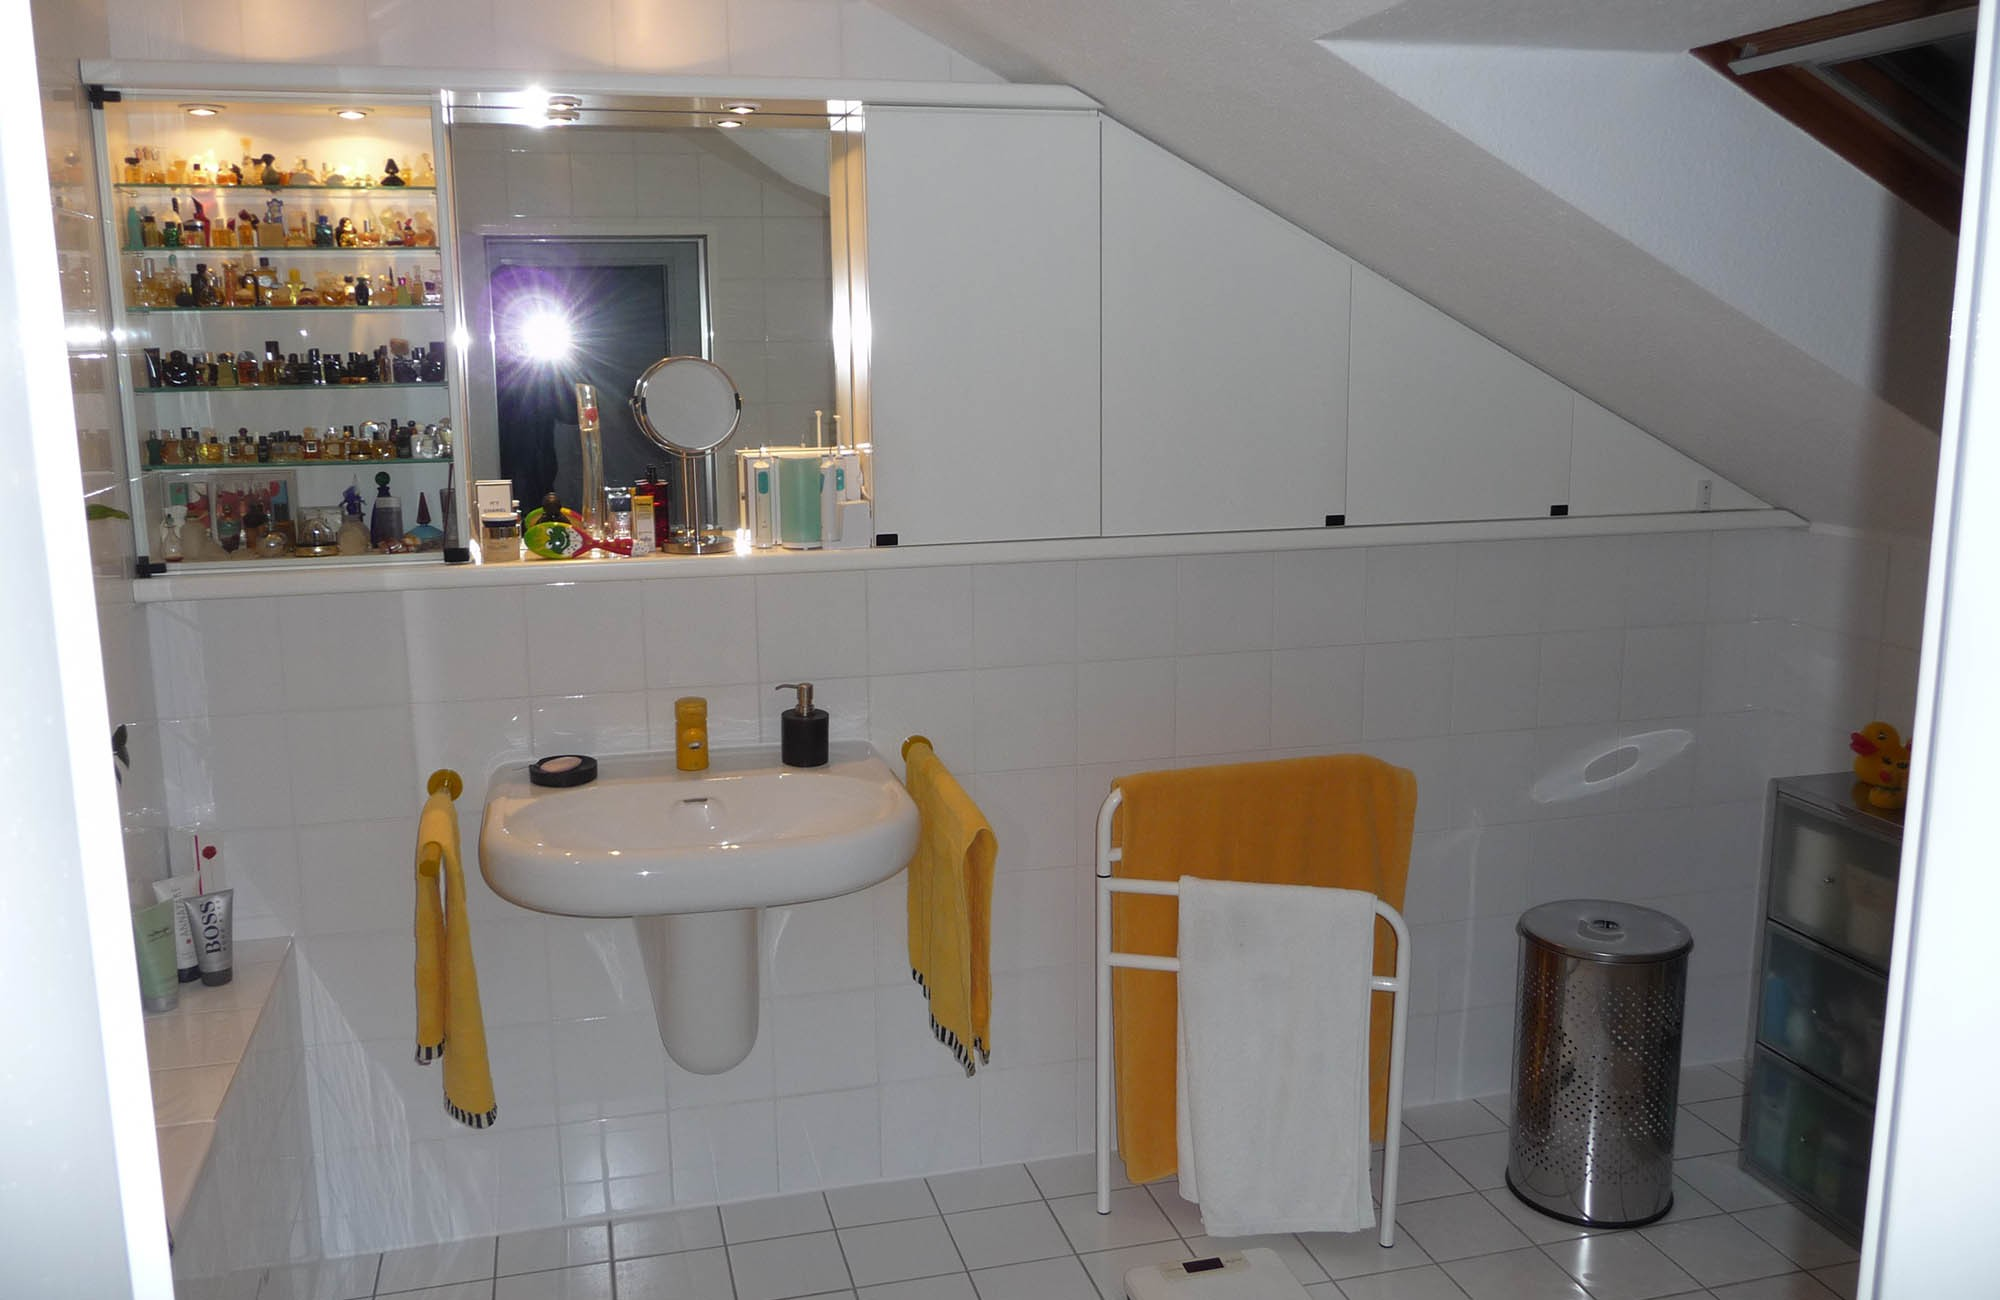 wschekorb bad cool wunderbar badezimmer hochschrank mit wschekorb khles bad hochschrank mit. Black Bedroom Furniture Sets. Home Design Ideas